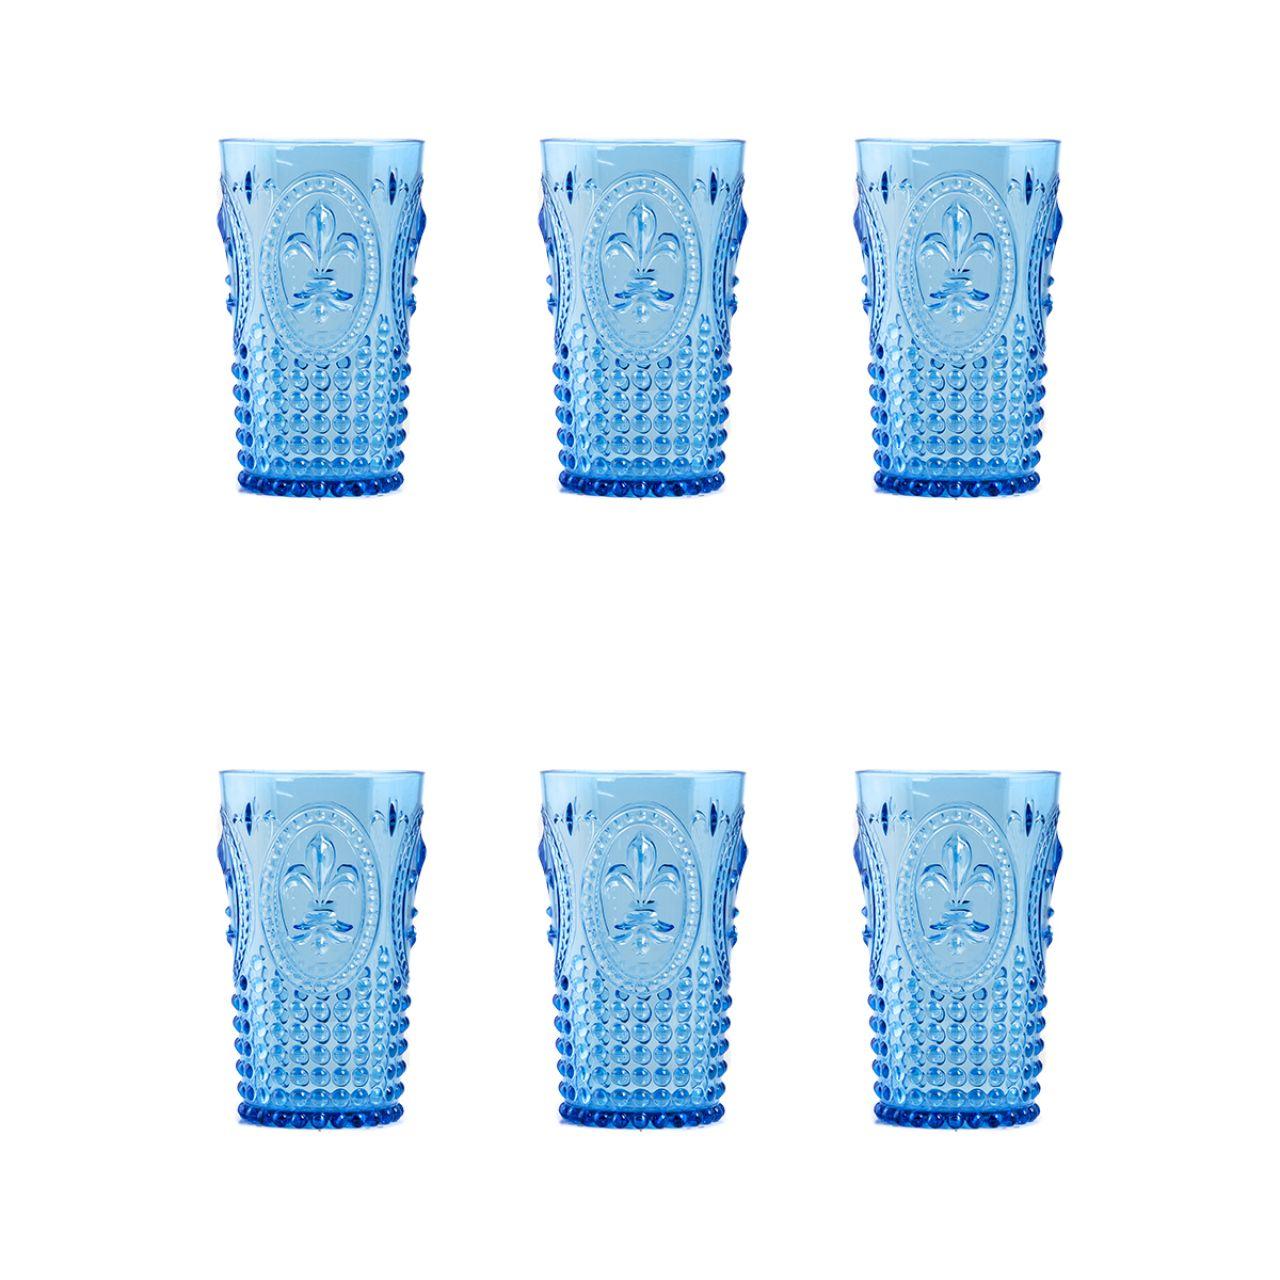 Copo + 3 Acrílico Azul Longo Copo 3 Presente Ews